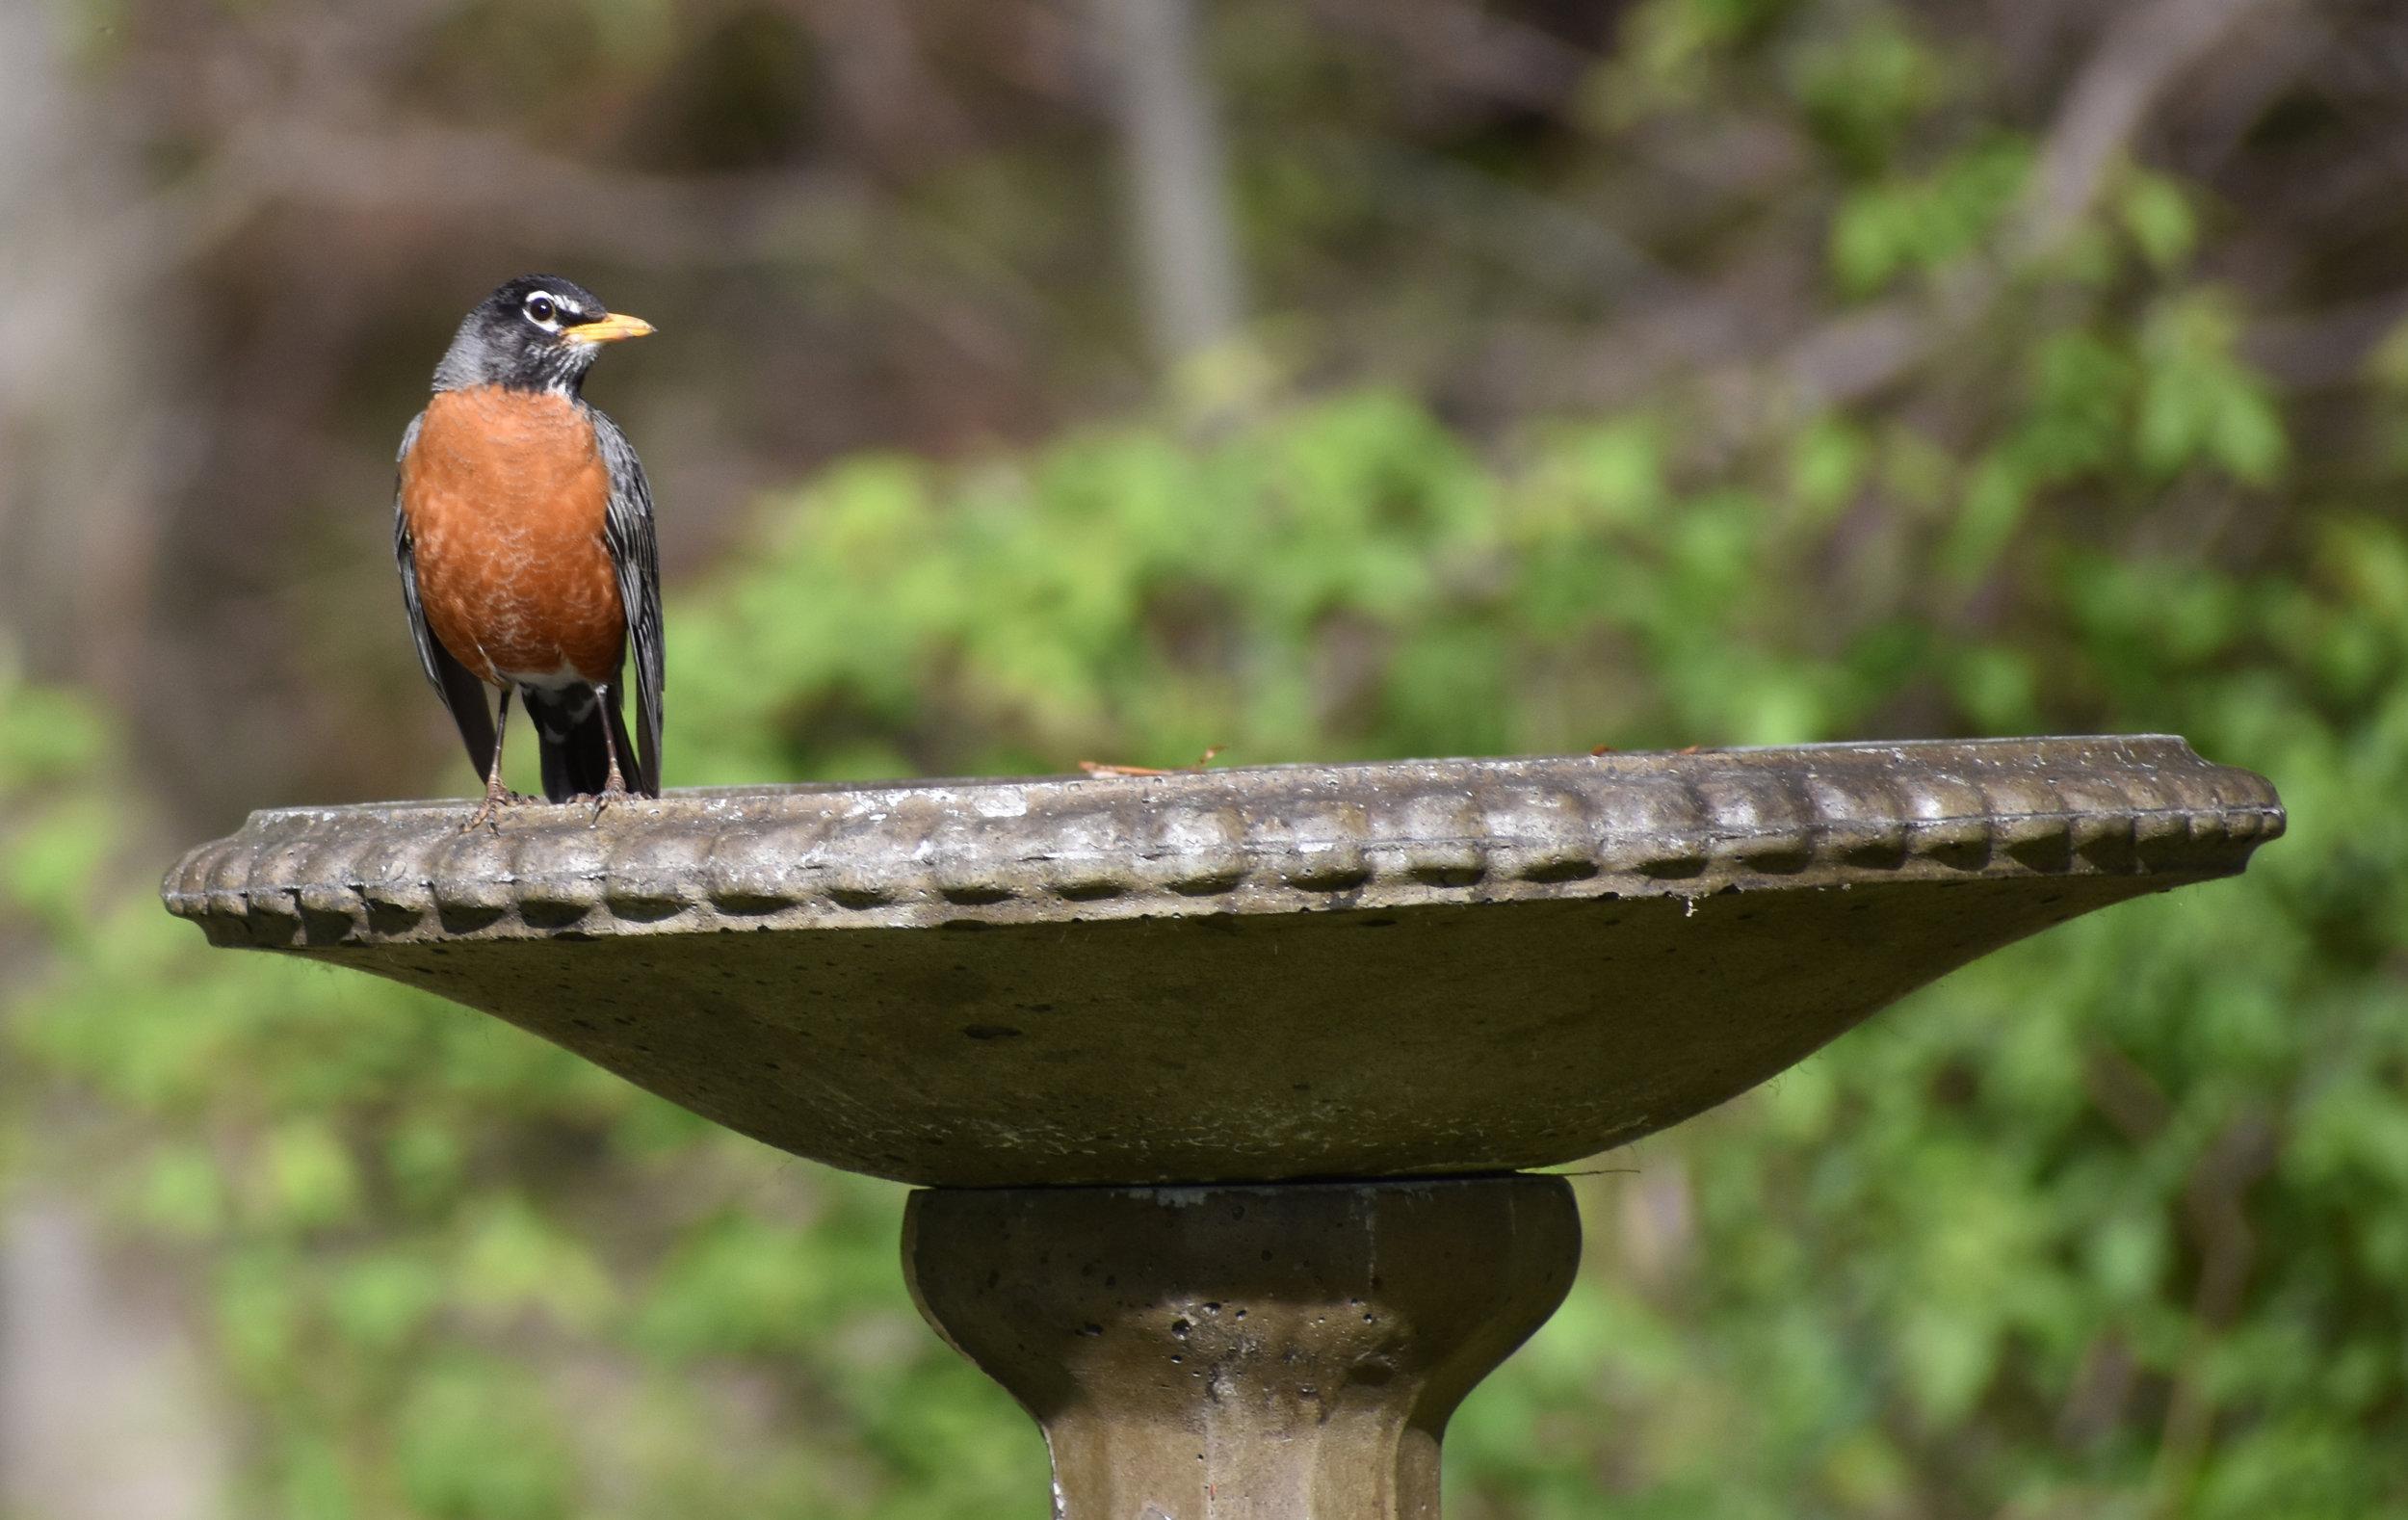 American Robin & Birdbath